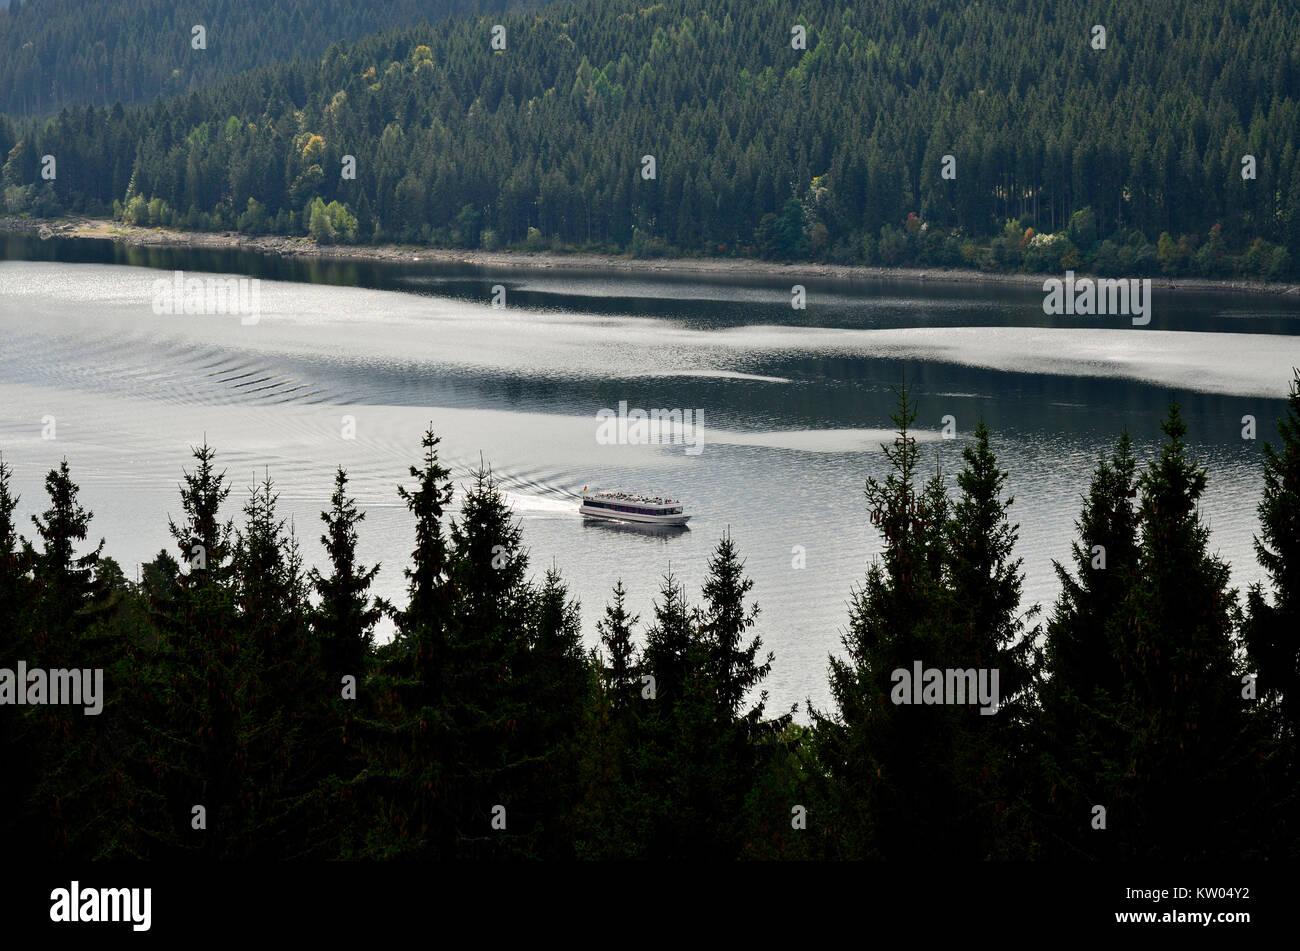 Black Forest, navigation on the Schluchsee, Schwarzwald, Schifffahrt auf dem Schluchsee - Stock Image